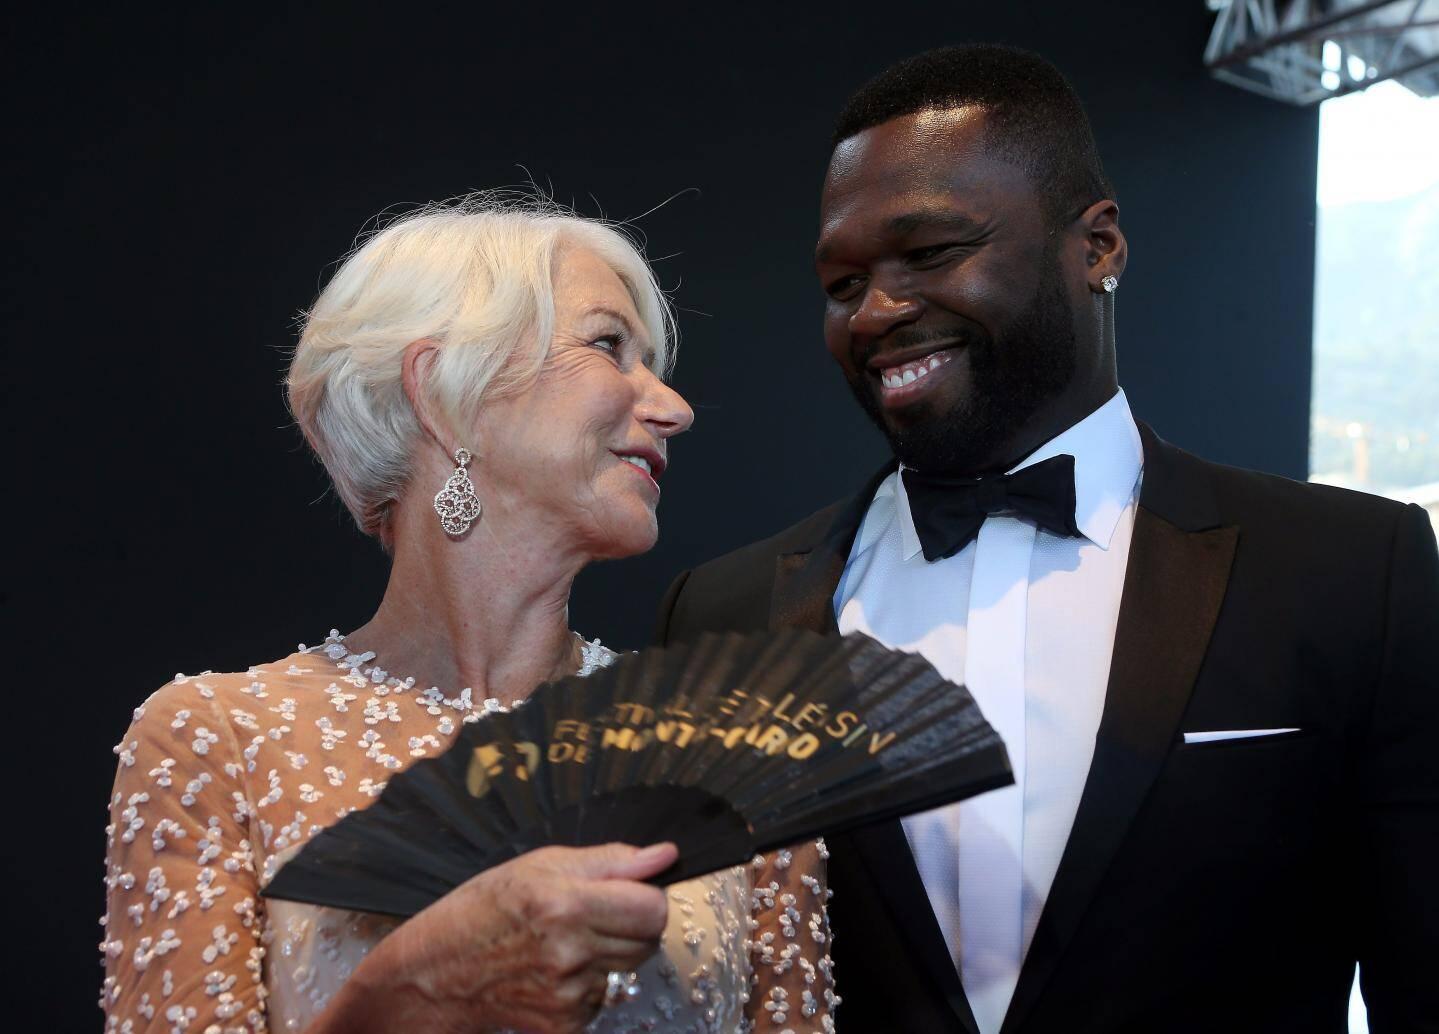 Helen Mirren et 50 Cent : ce moment du tapis rouge a fait le tour du monde, repris dans des magazines et journaux tirés à des millions d'exemplaires. Sacré coup de pub pour Monaco.